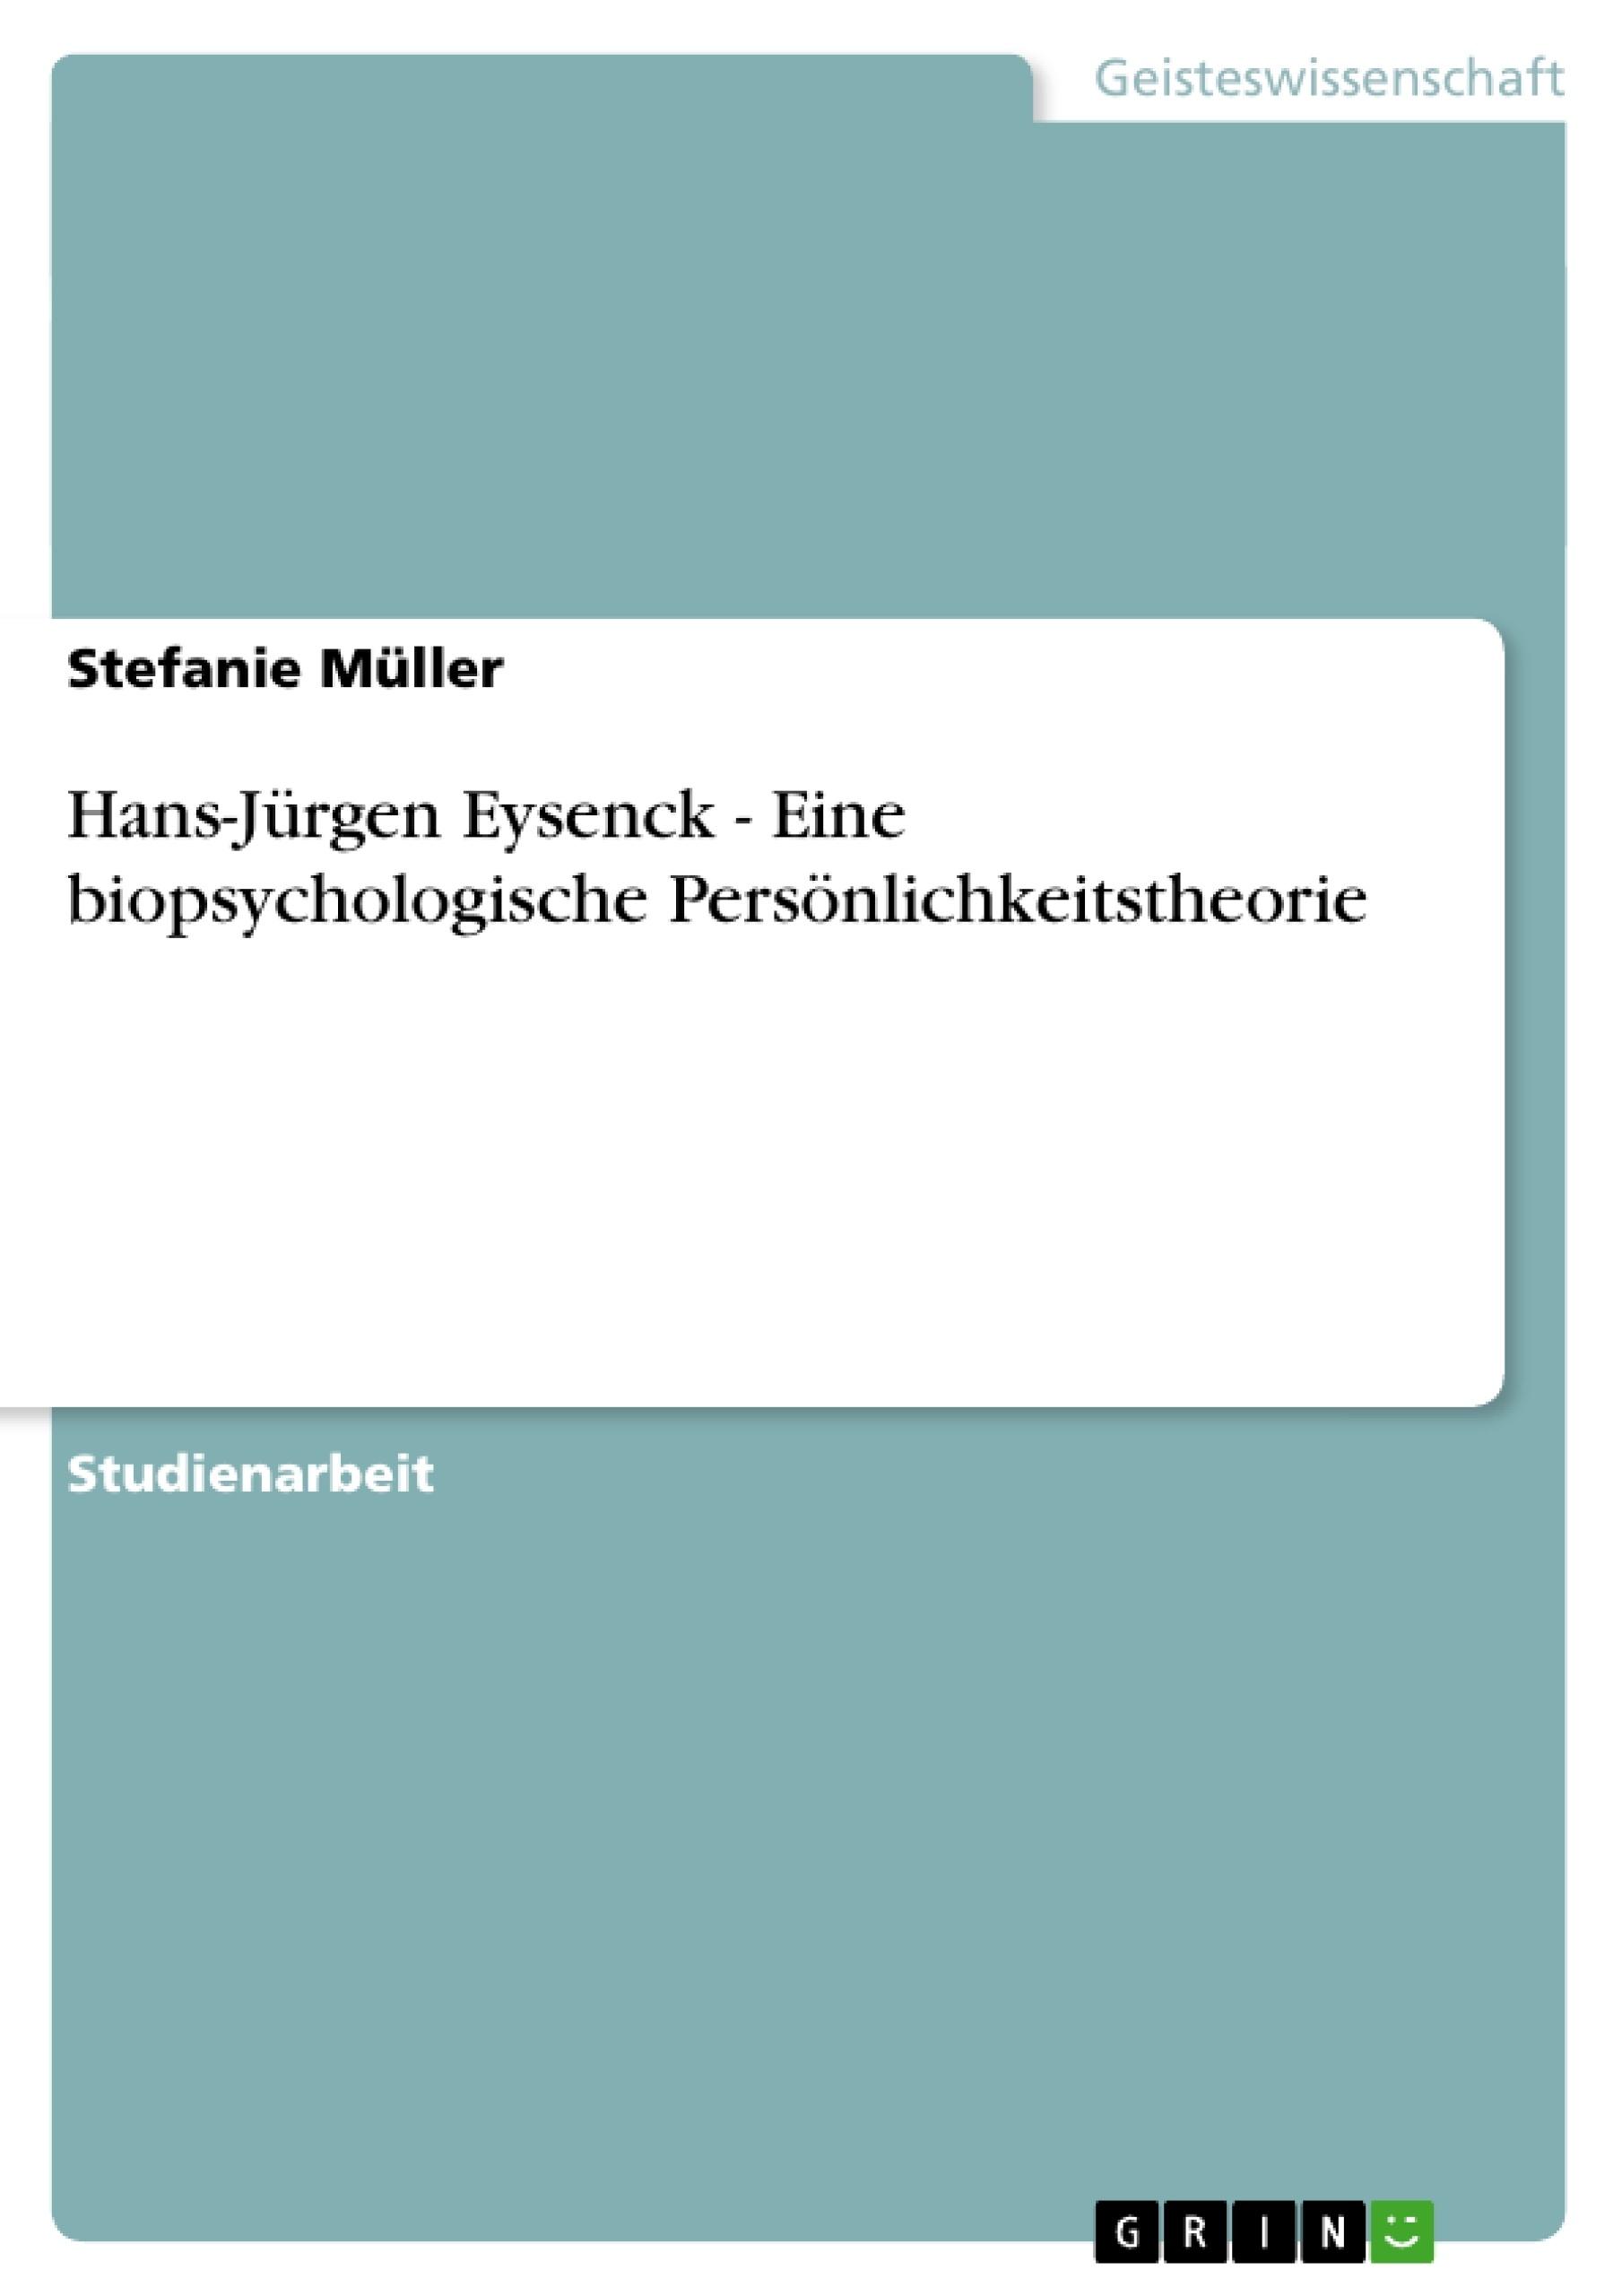 Titel: Hans-Jürgen Eysenck - Eine biopsychologische Persönlichkeitstheorie